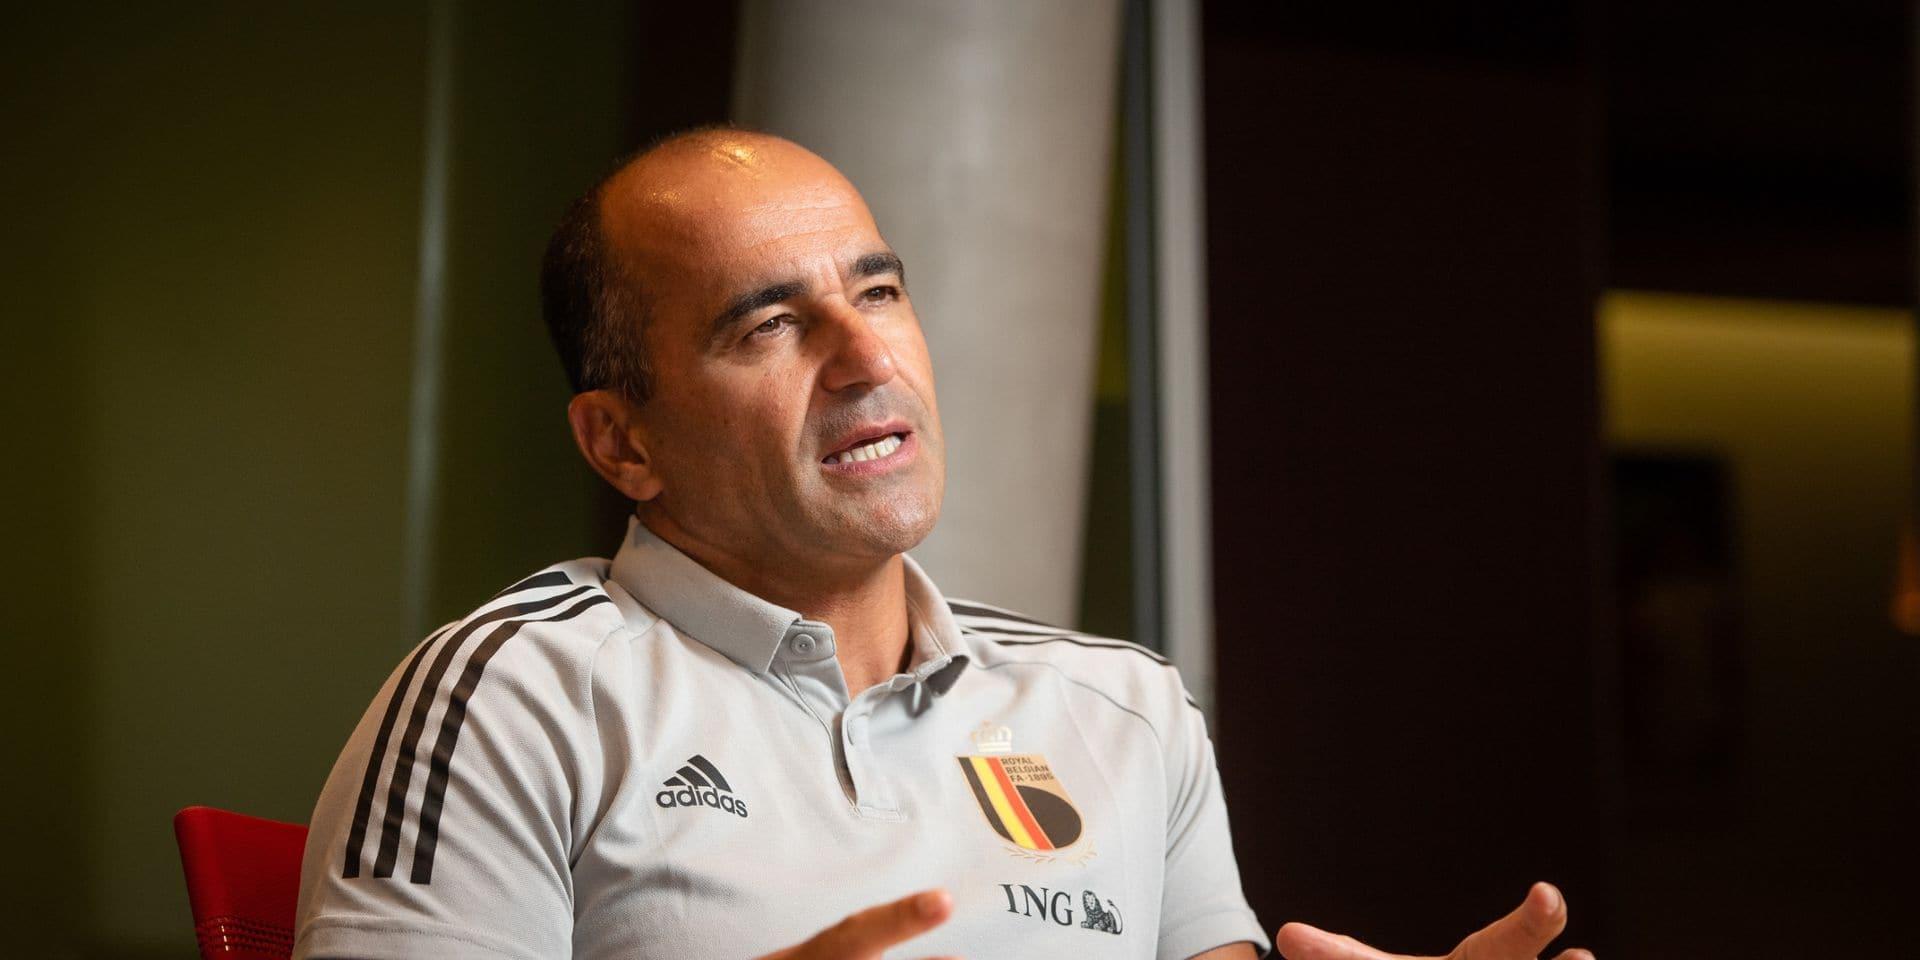 """Roberto Martinez porte voix de la FIFA pour sensibiliser sur la santé mentale: """"un problème qui nous concerne tous"""""""